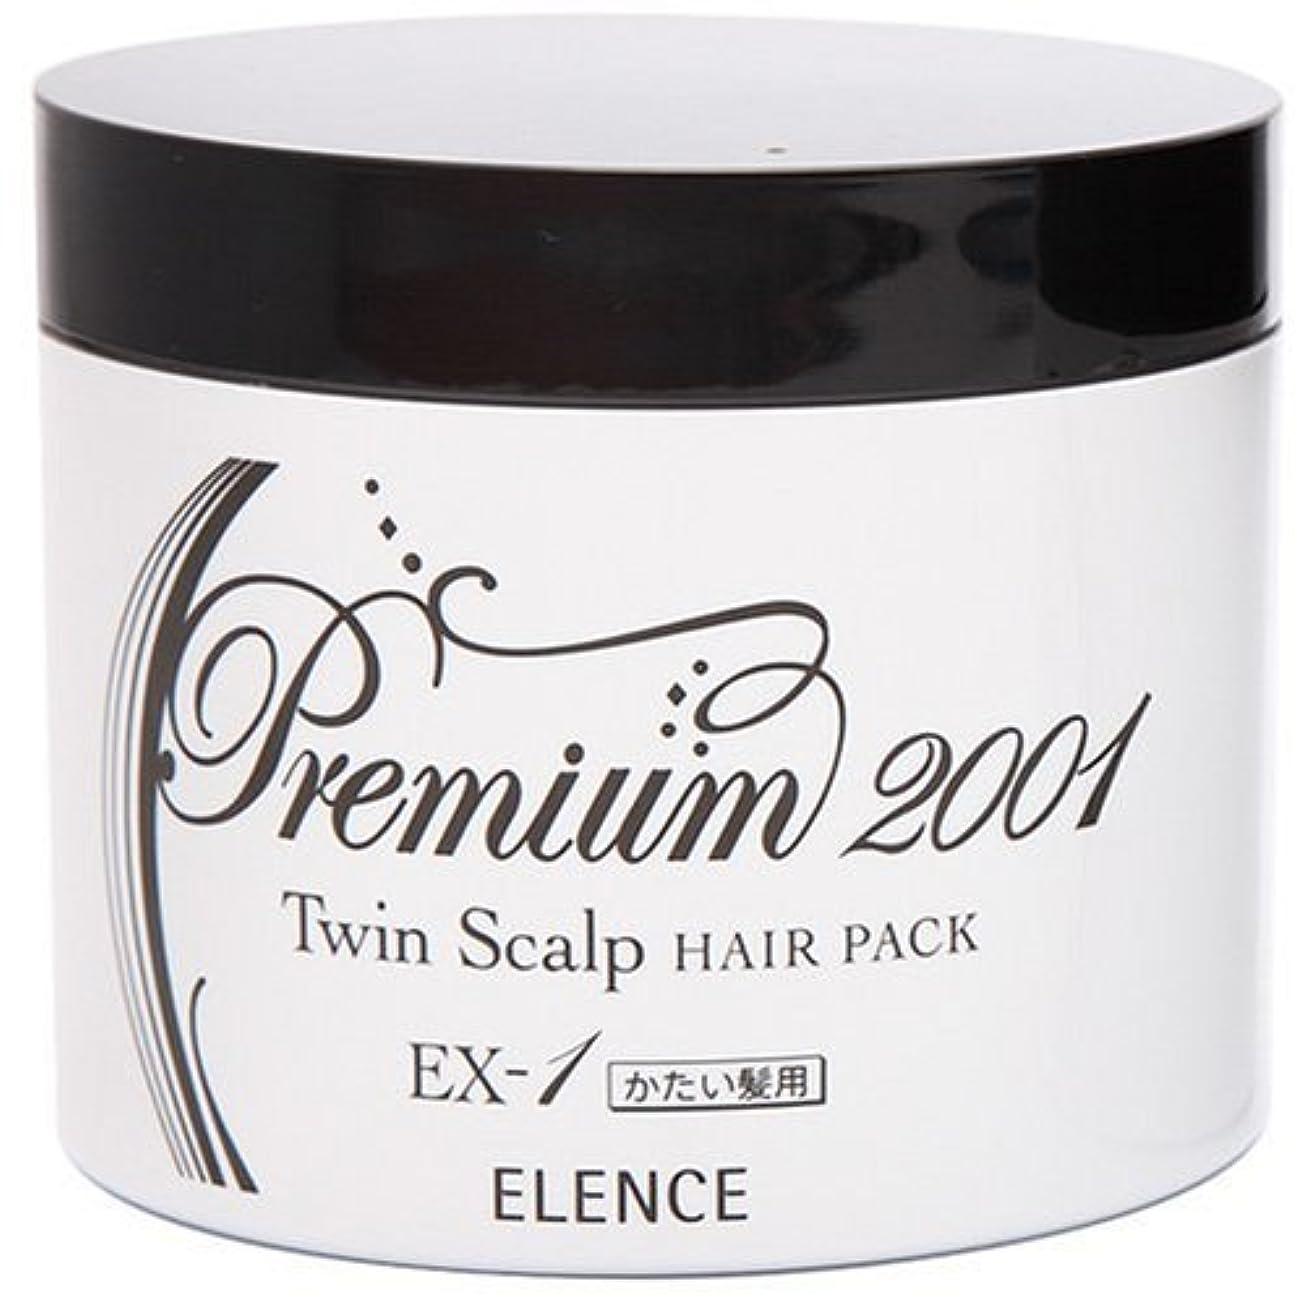 仮定するトランスペアレント薄暗いエレンス2001 ツインスキャルプヘアパックEX-1(かたい髪用)